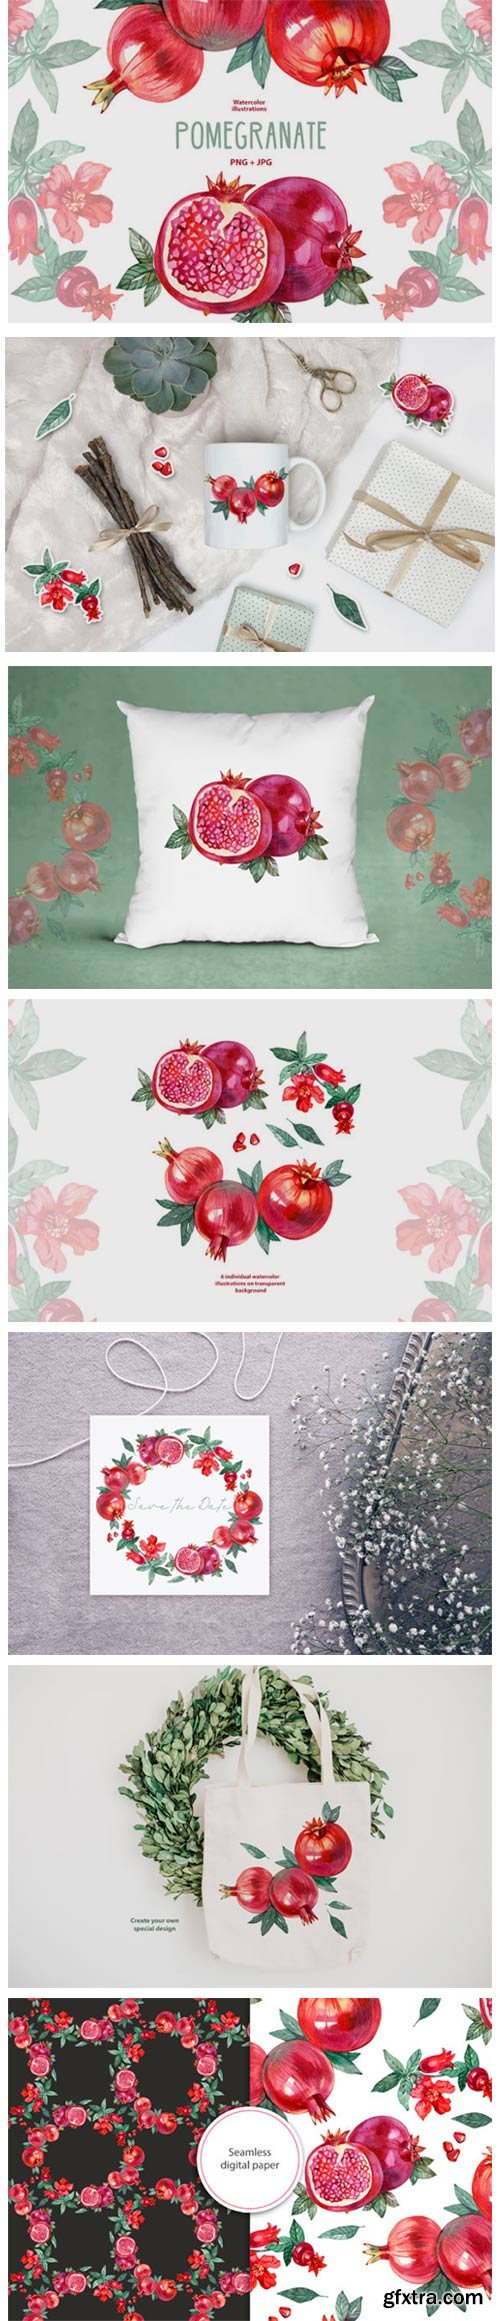 Watercolor Pomegranate 7156905